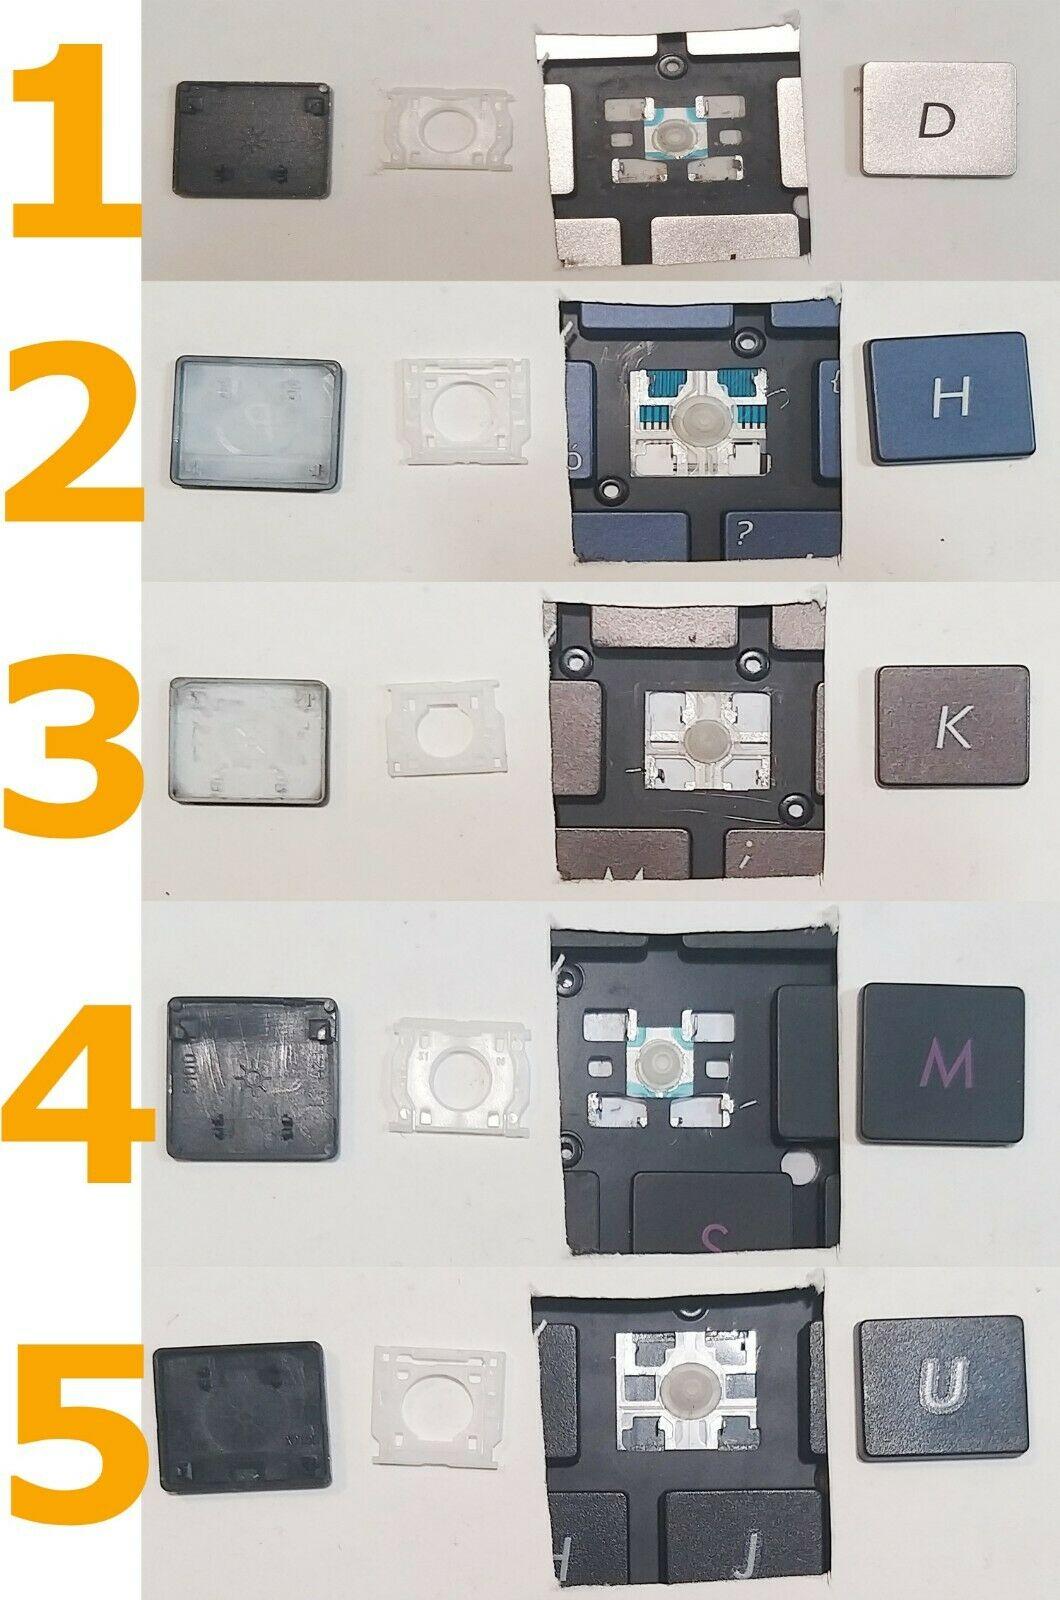 TECLA TECLAS TECLADO ASUS ZENBOOK UX360C UX360CA UX360CAK Q324CA UX301L UX301LA